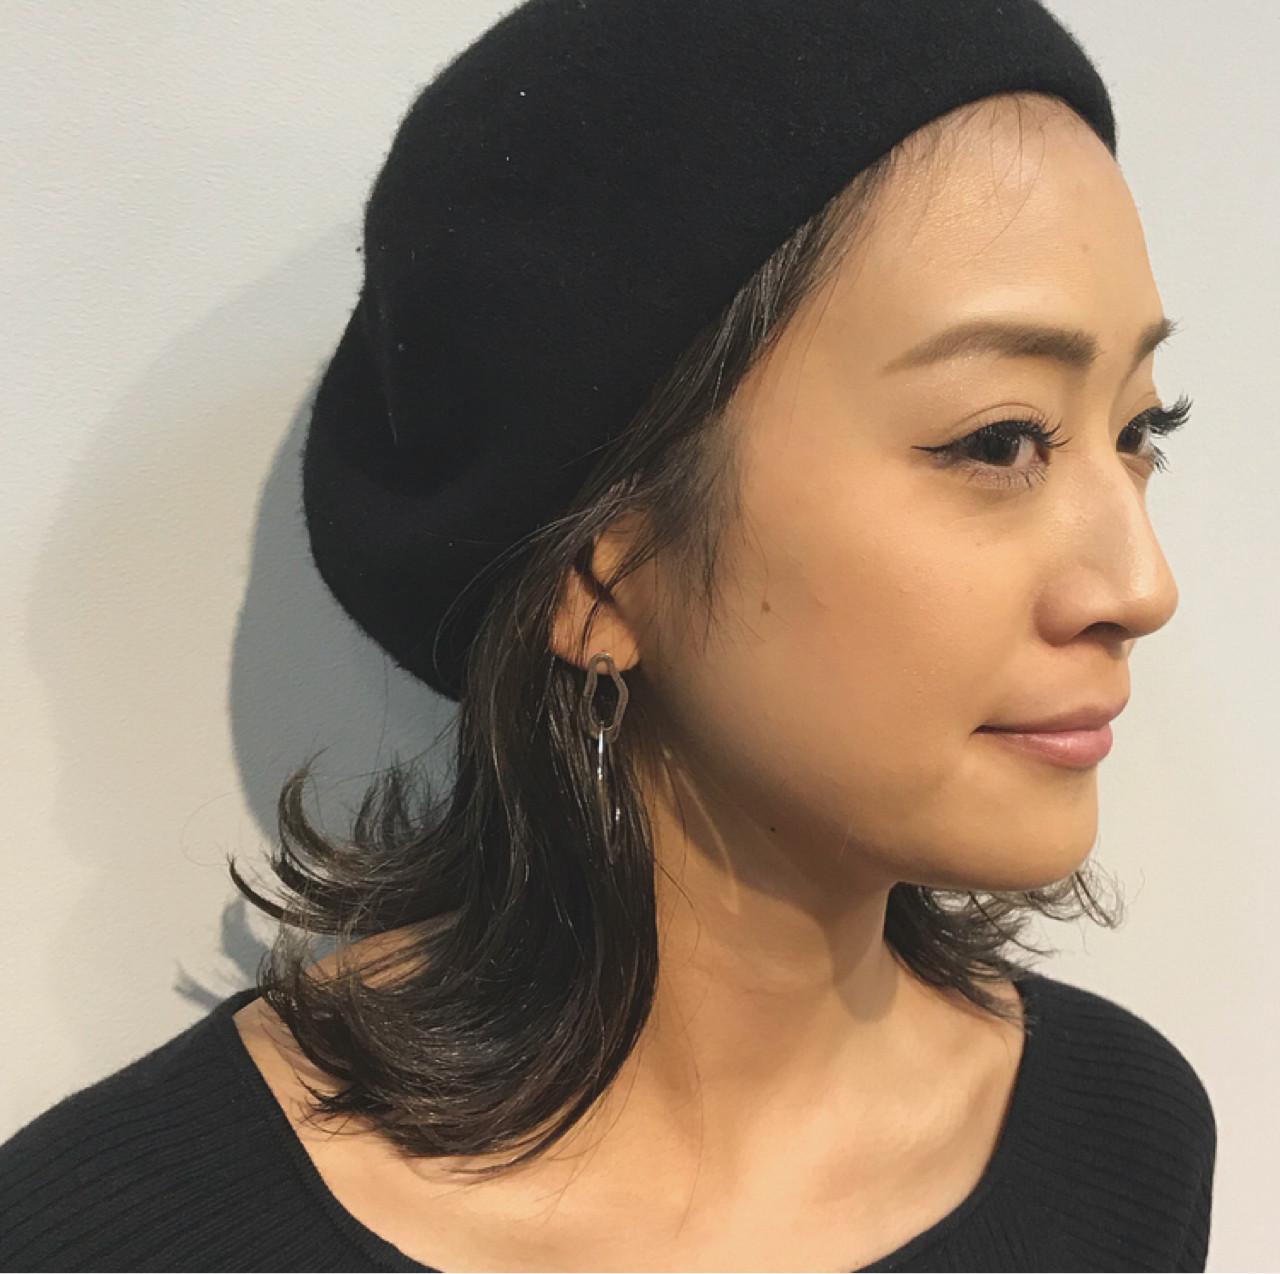 ボブ 女子力 ベレー帽 ウェットヘア ヘアスタイルや髪型の写真・画像